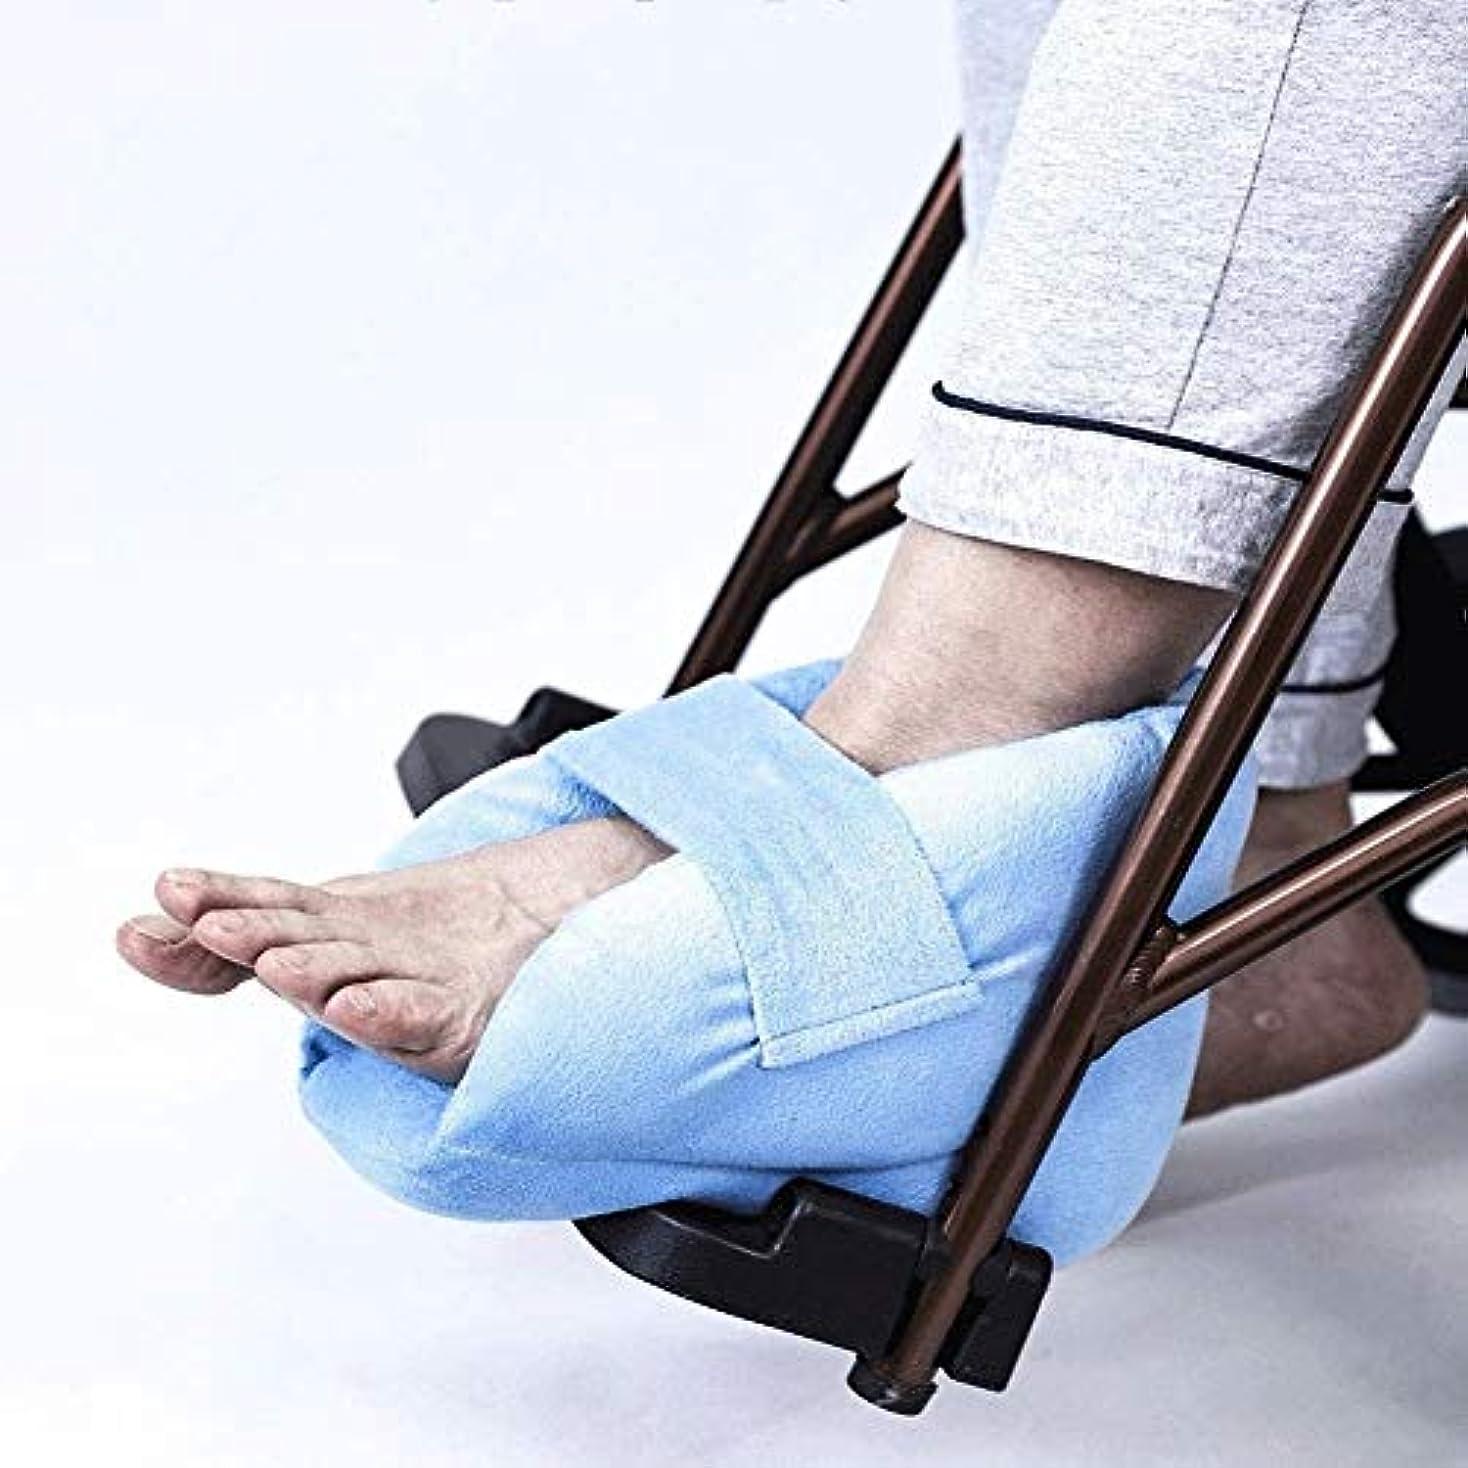 花輪悪意のある技術者かかとプロテクター枕、足補正カバー圧痛とかかと潰瘍の救済 高弾性スポンジ充填、ライトブルー-1ペア